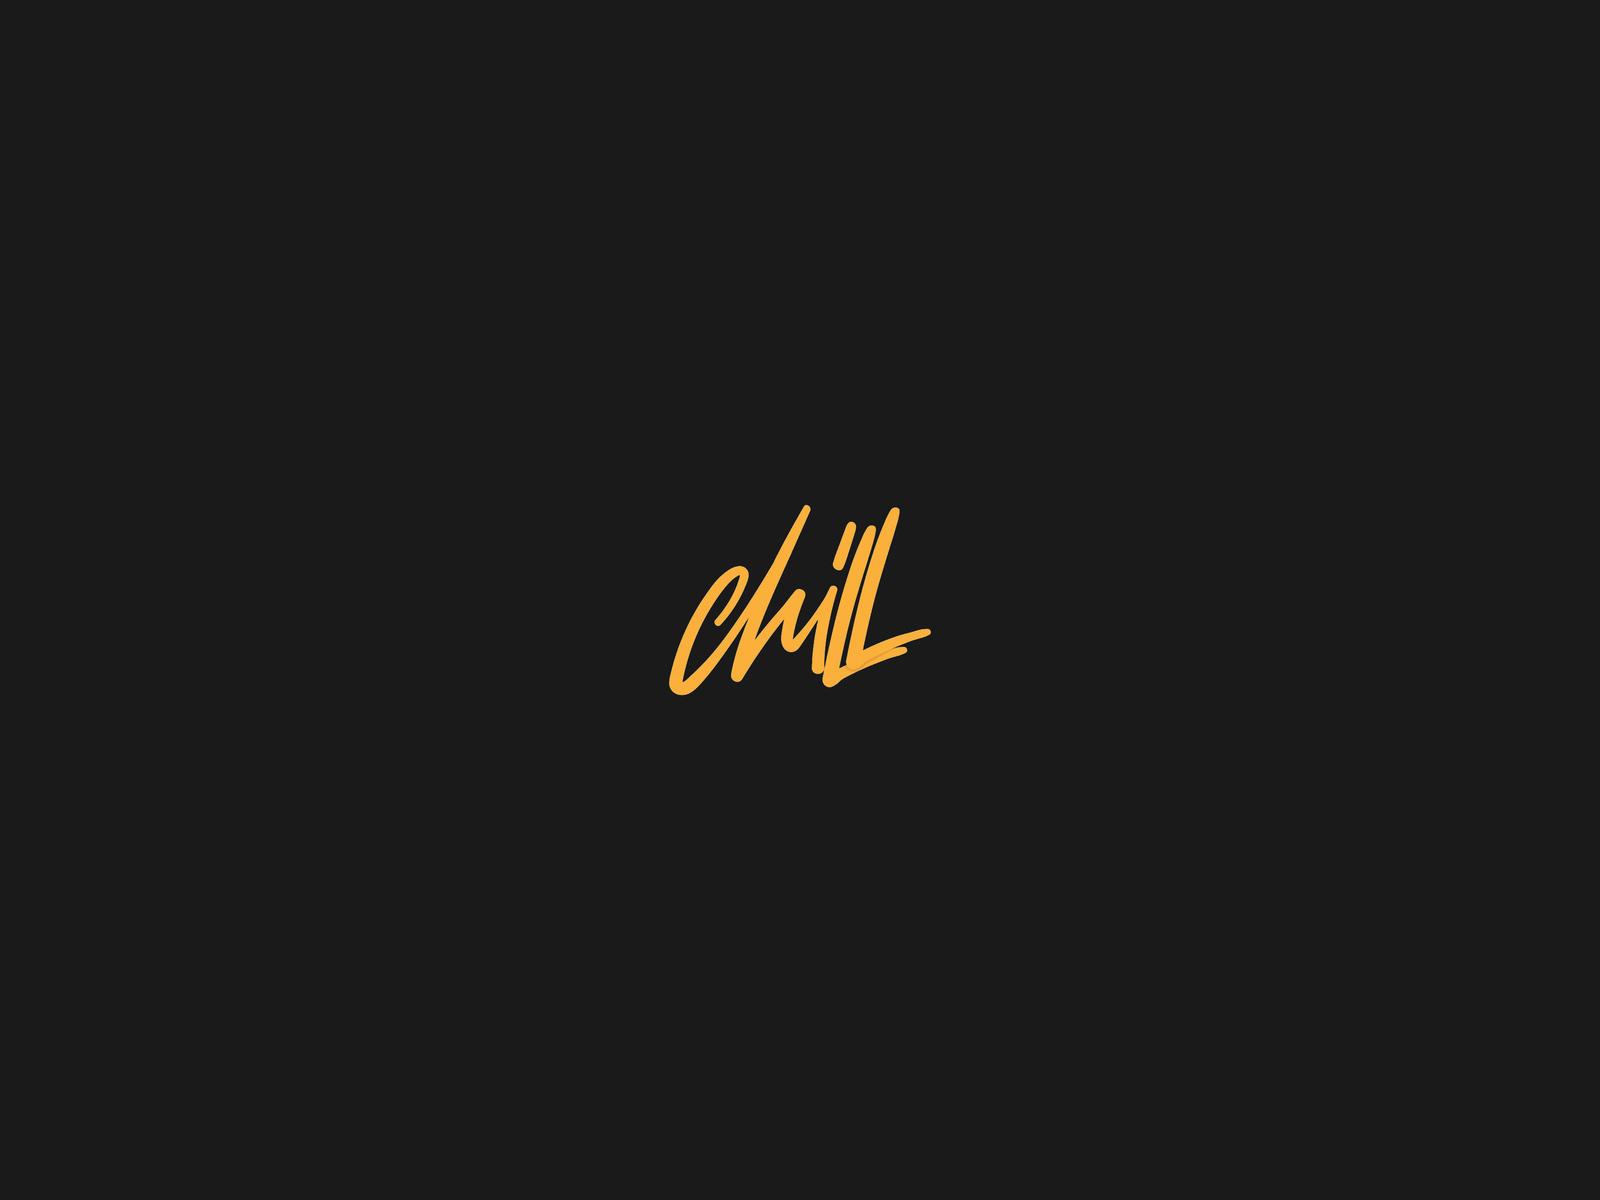 chill-ip.jpg